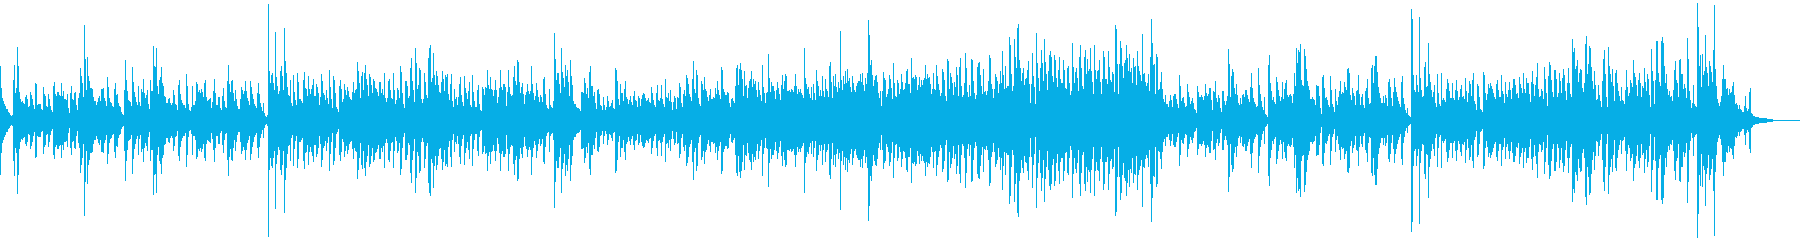 軽くて簡単で楽しいジャズ。ライブジ...の再生済みの波形